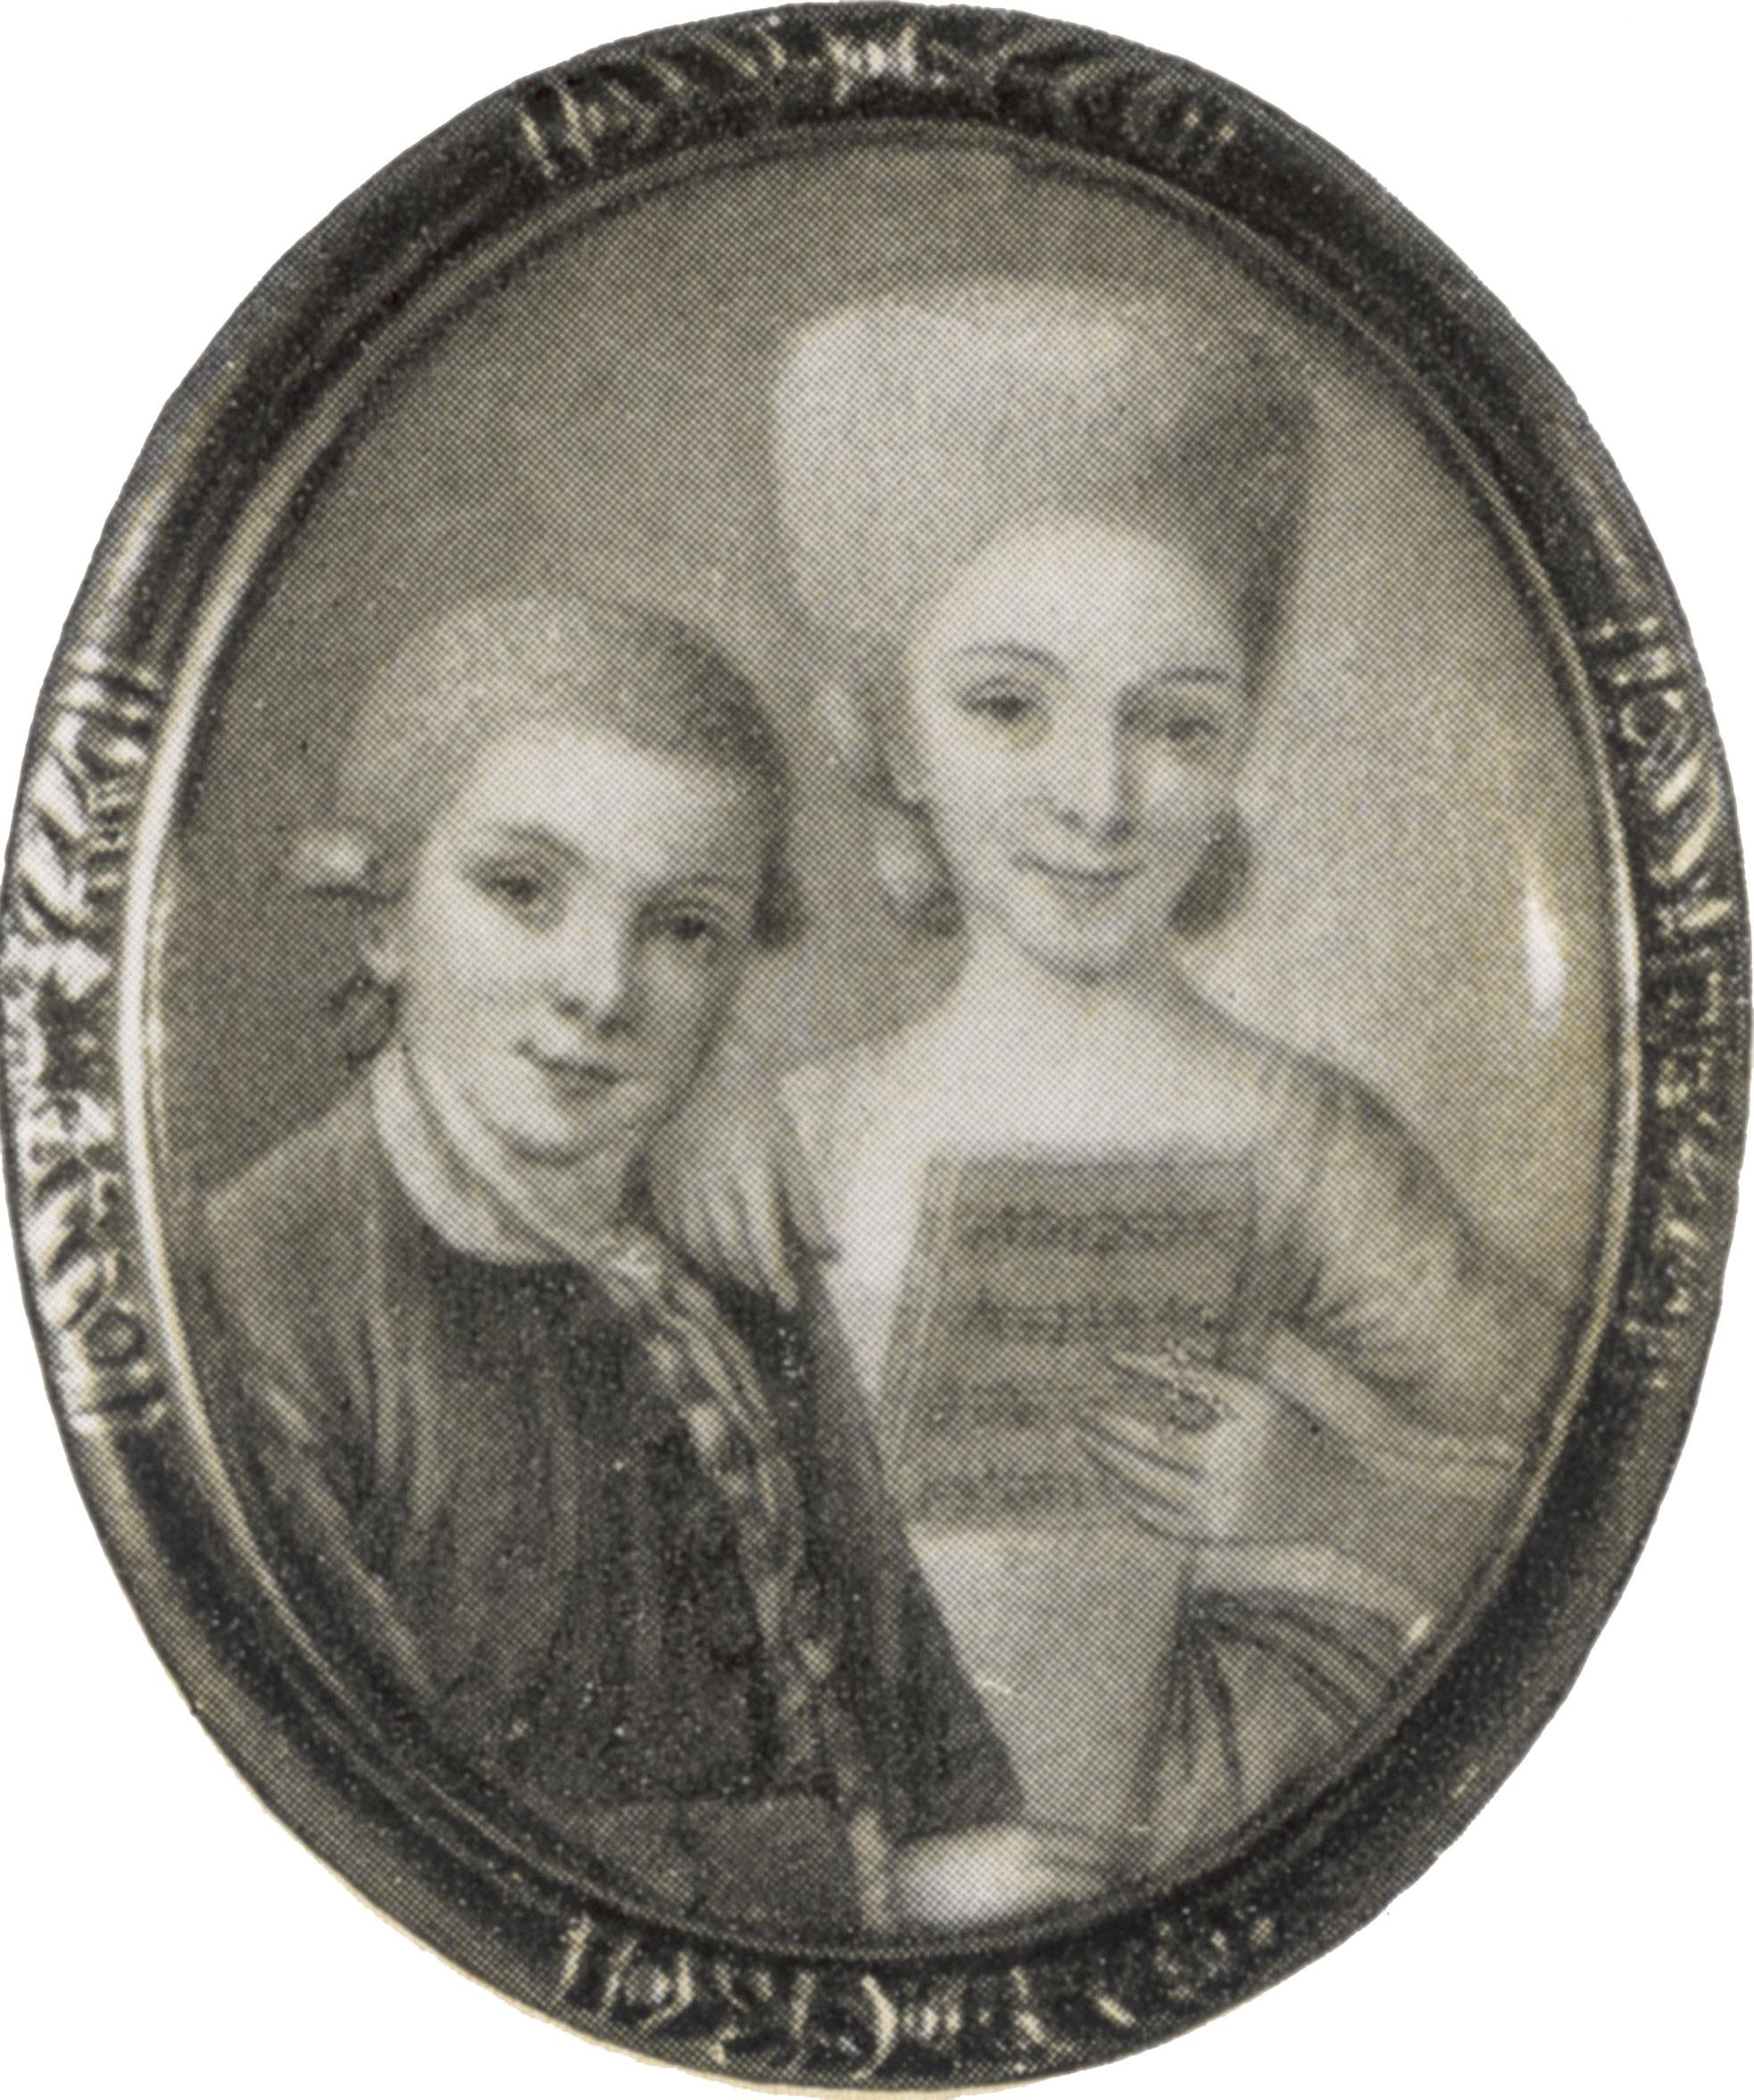 Вольфганг Моцарт и Мария Моцарт. Не позднее 1770 года